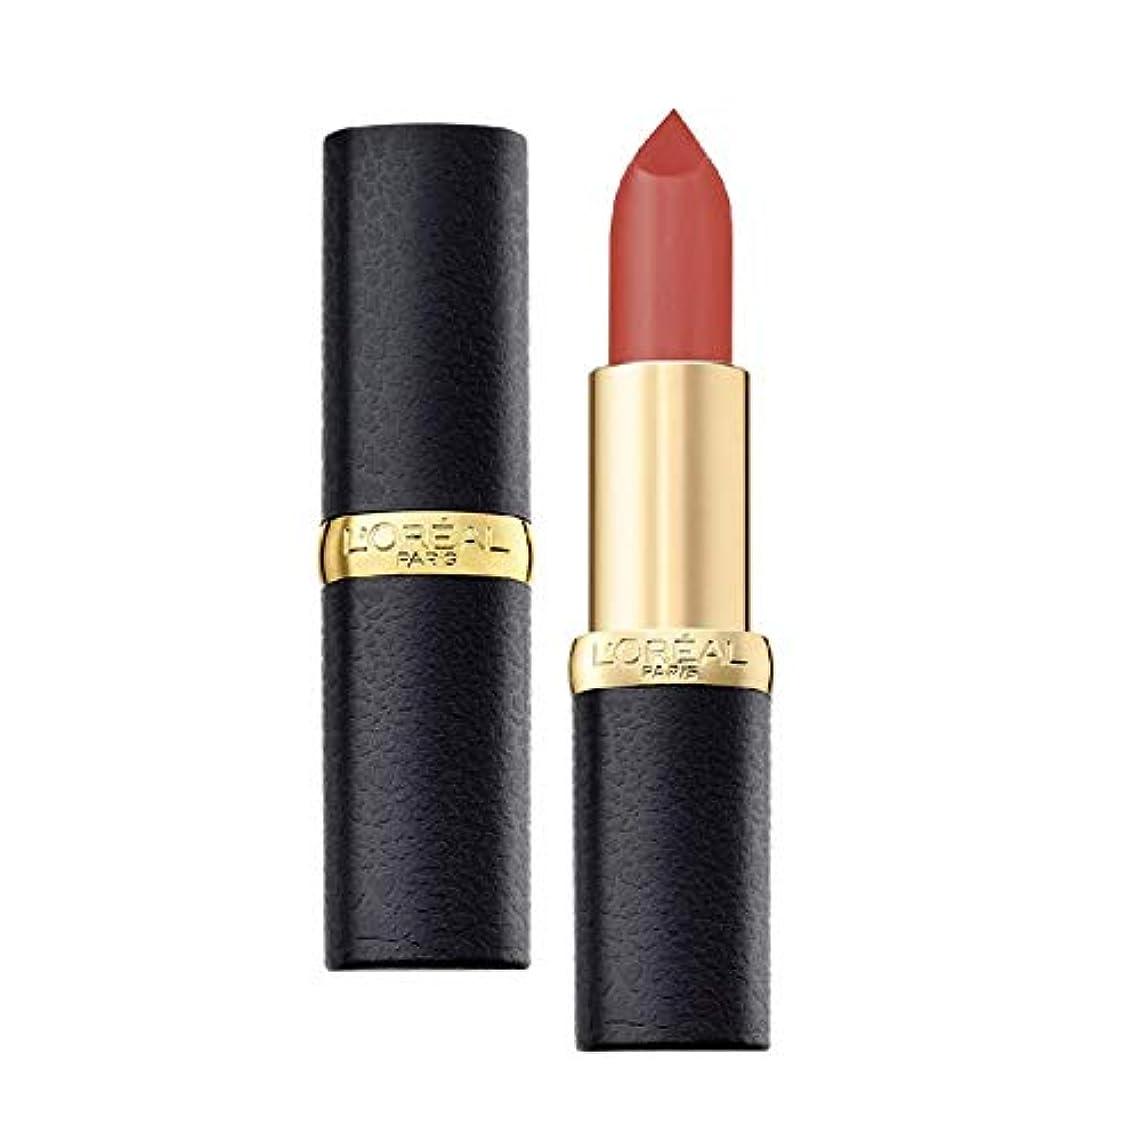 行為吹きさらし真実にL'Oreal Paris Color Riche Moist Matte Lipstick, 233 Rouge A Porter, 3.7g